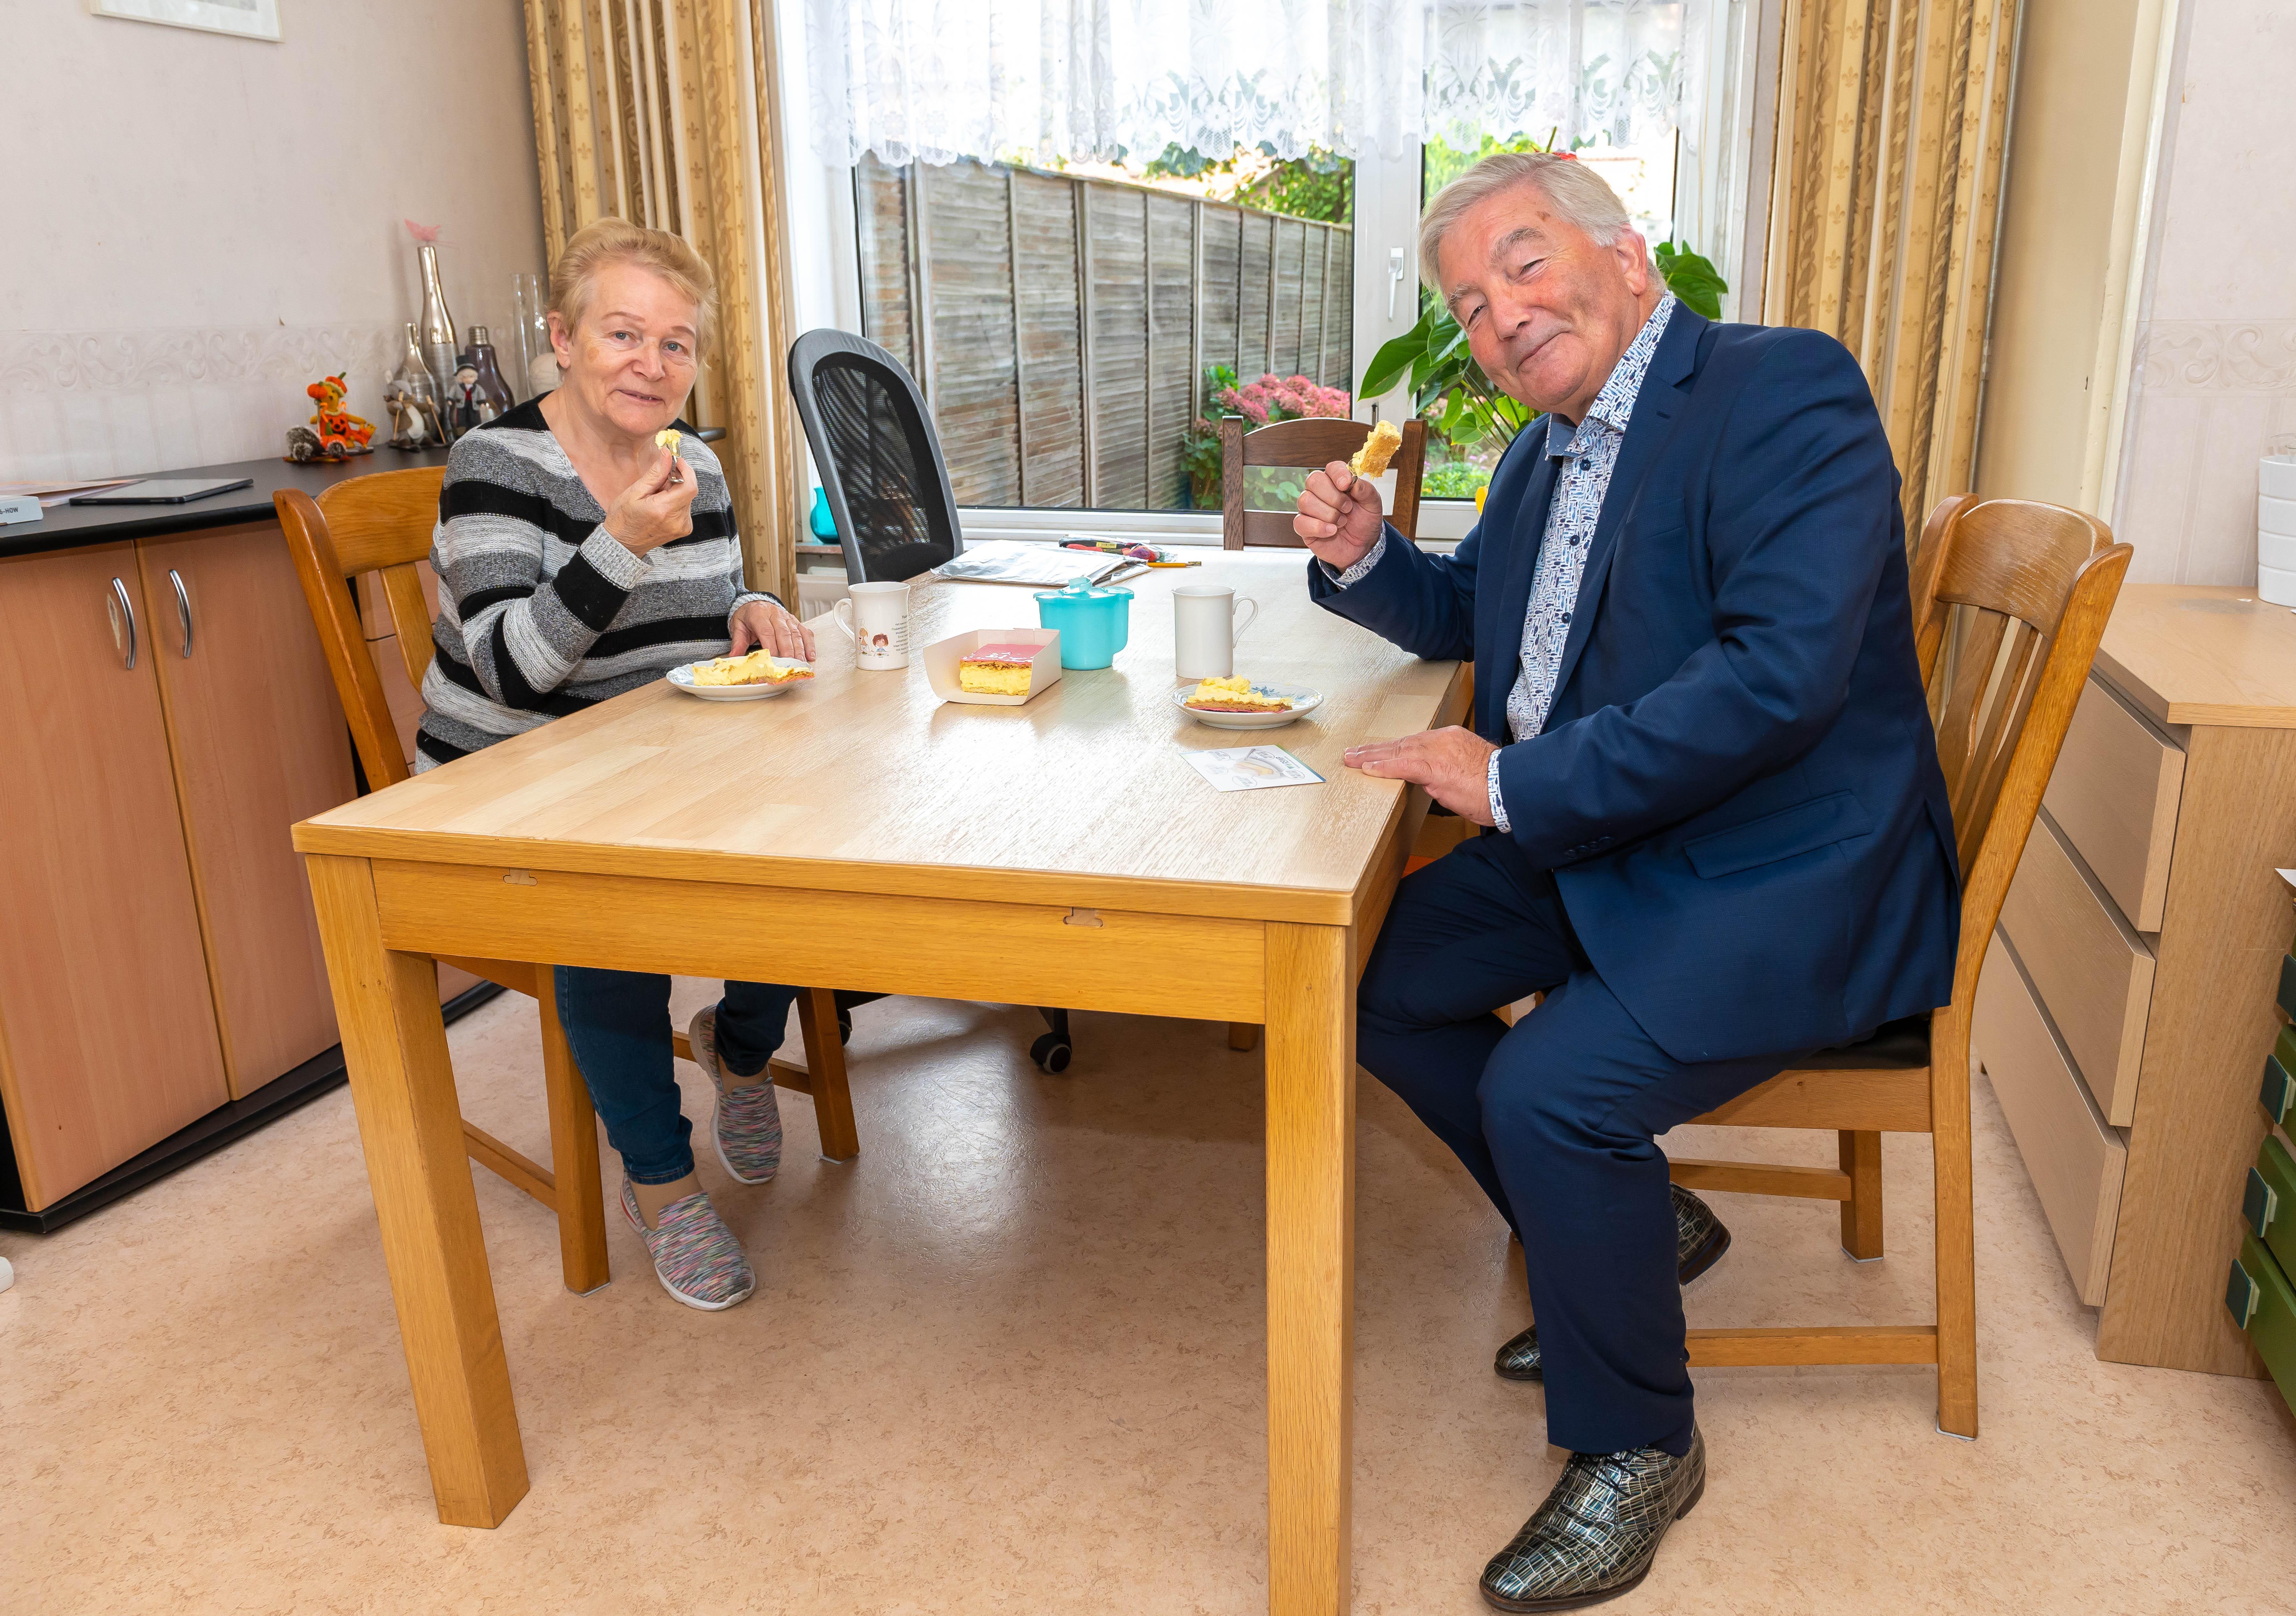 Gebak van de wethouder voor Jannie Olijve in Zuidoostbeemster tegen de eenzaamheid: 'Heel erg leuk, dat is toch uniek?'